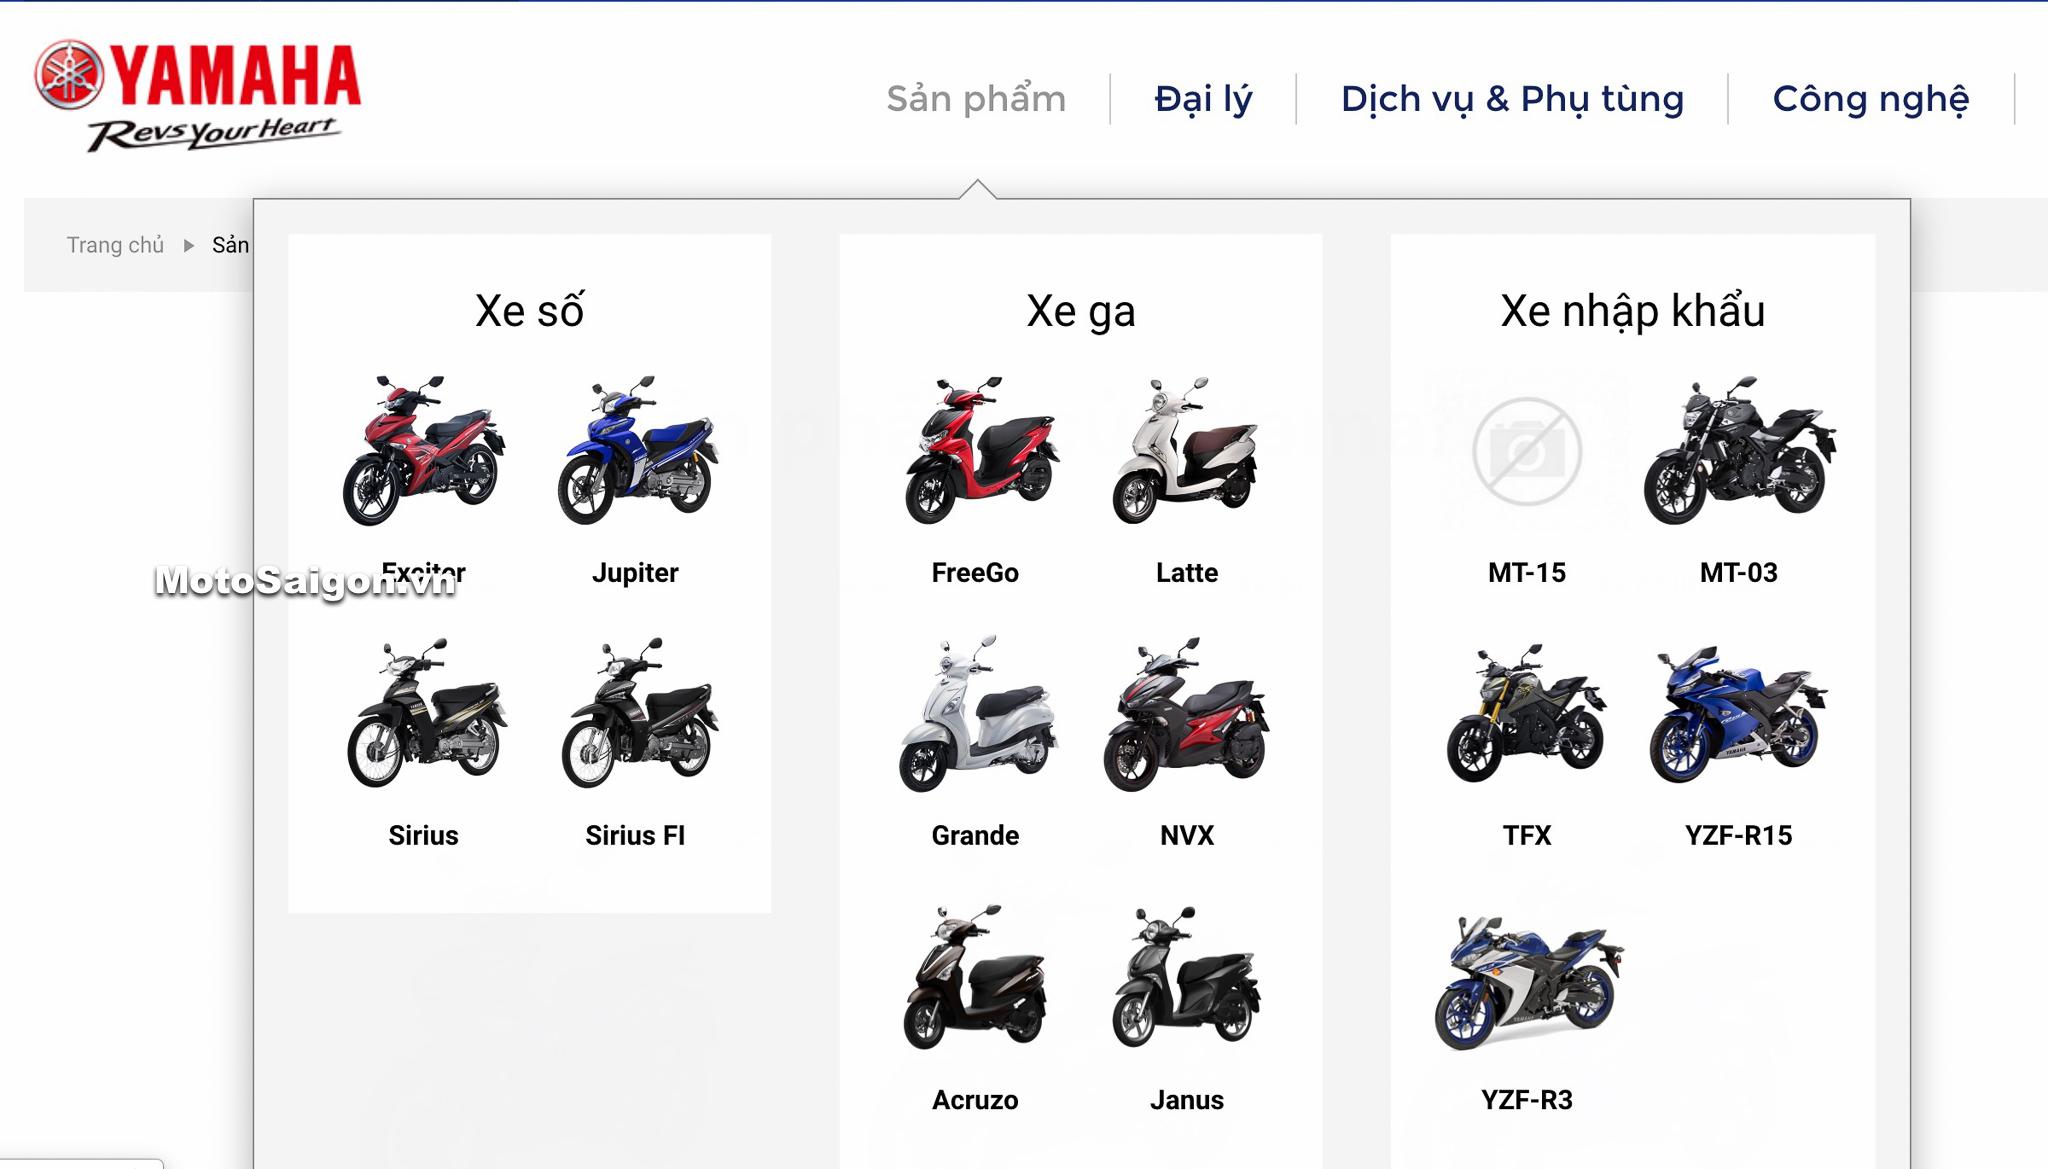 Yamaha MT-15 2020 đã có giá bán chính hãng tại Việt Nam